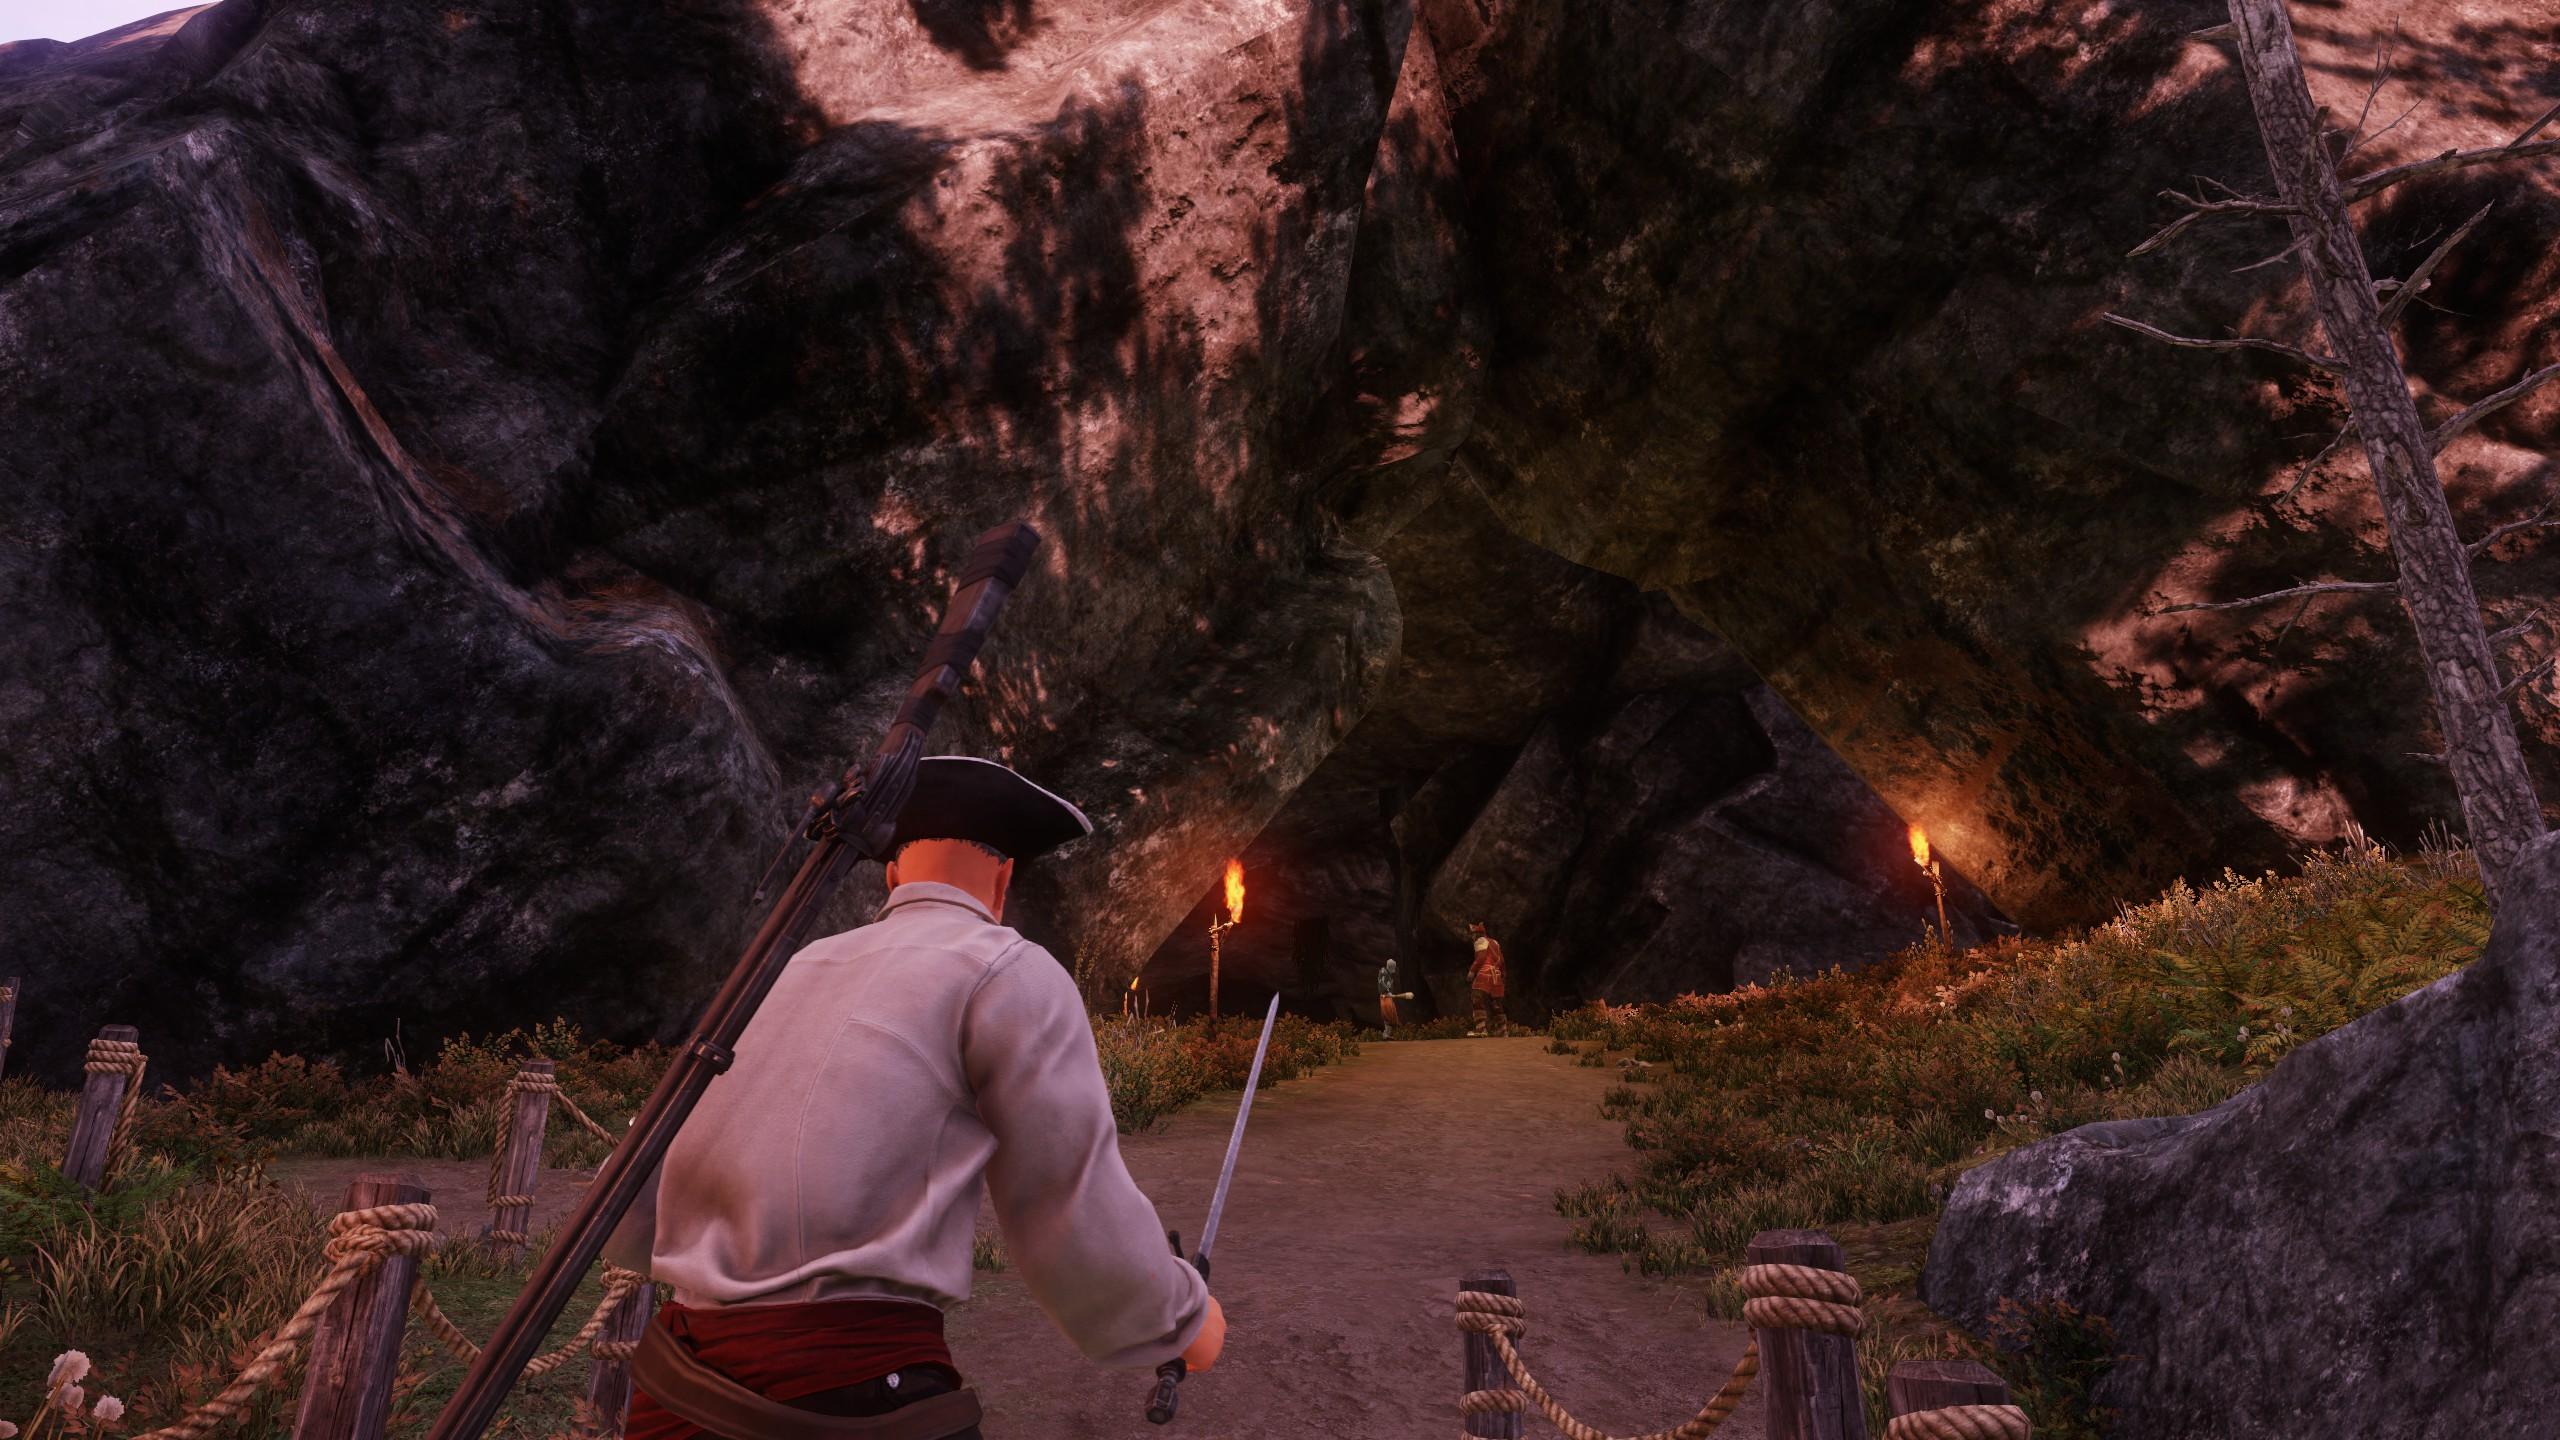 A large cave entrance